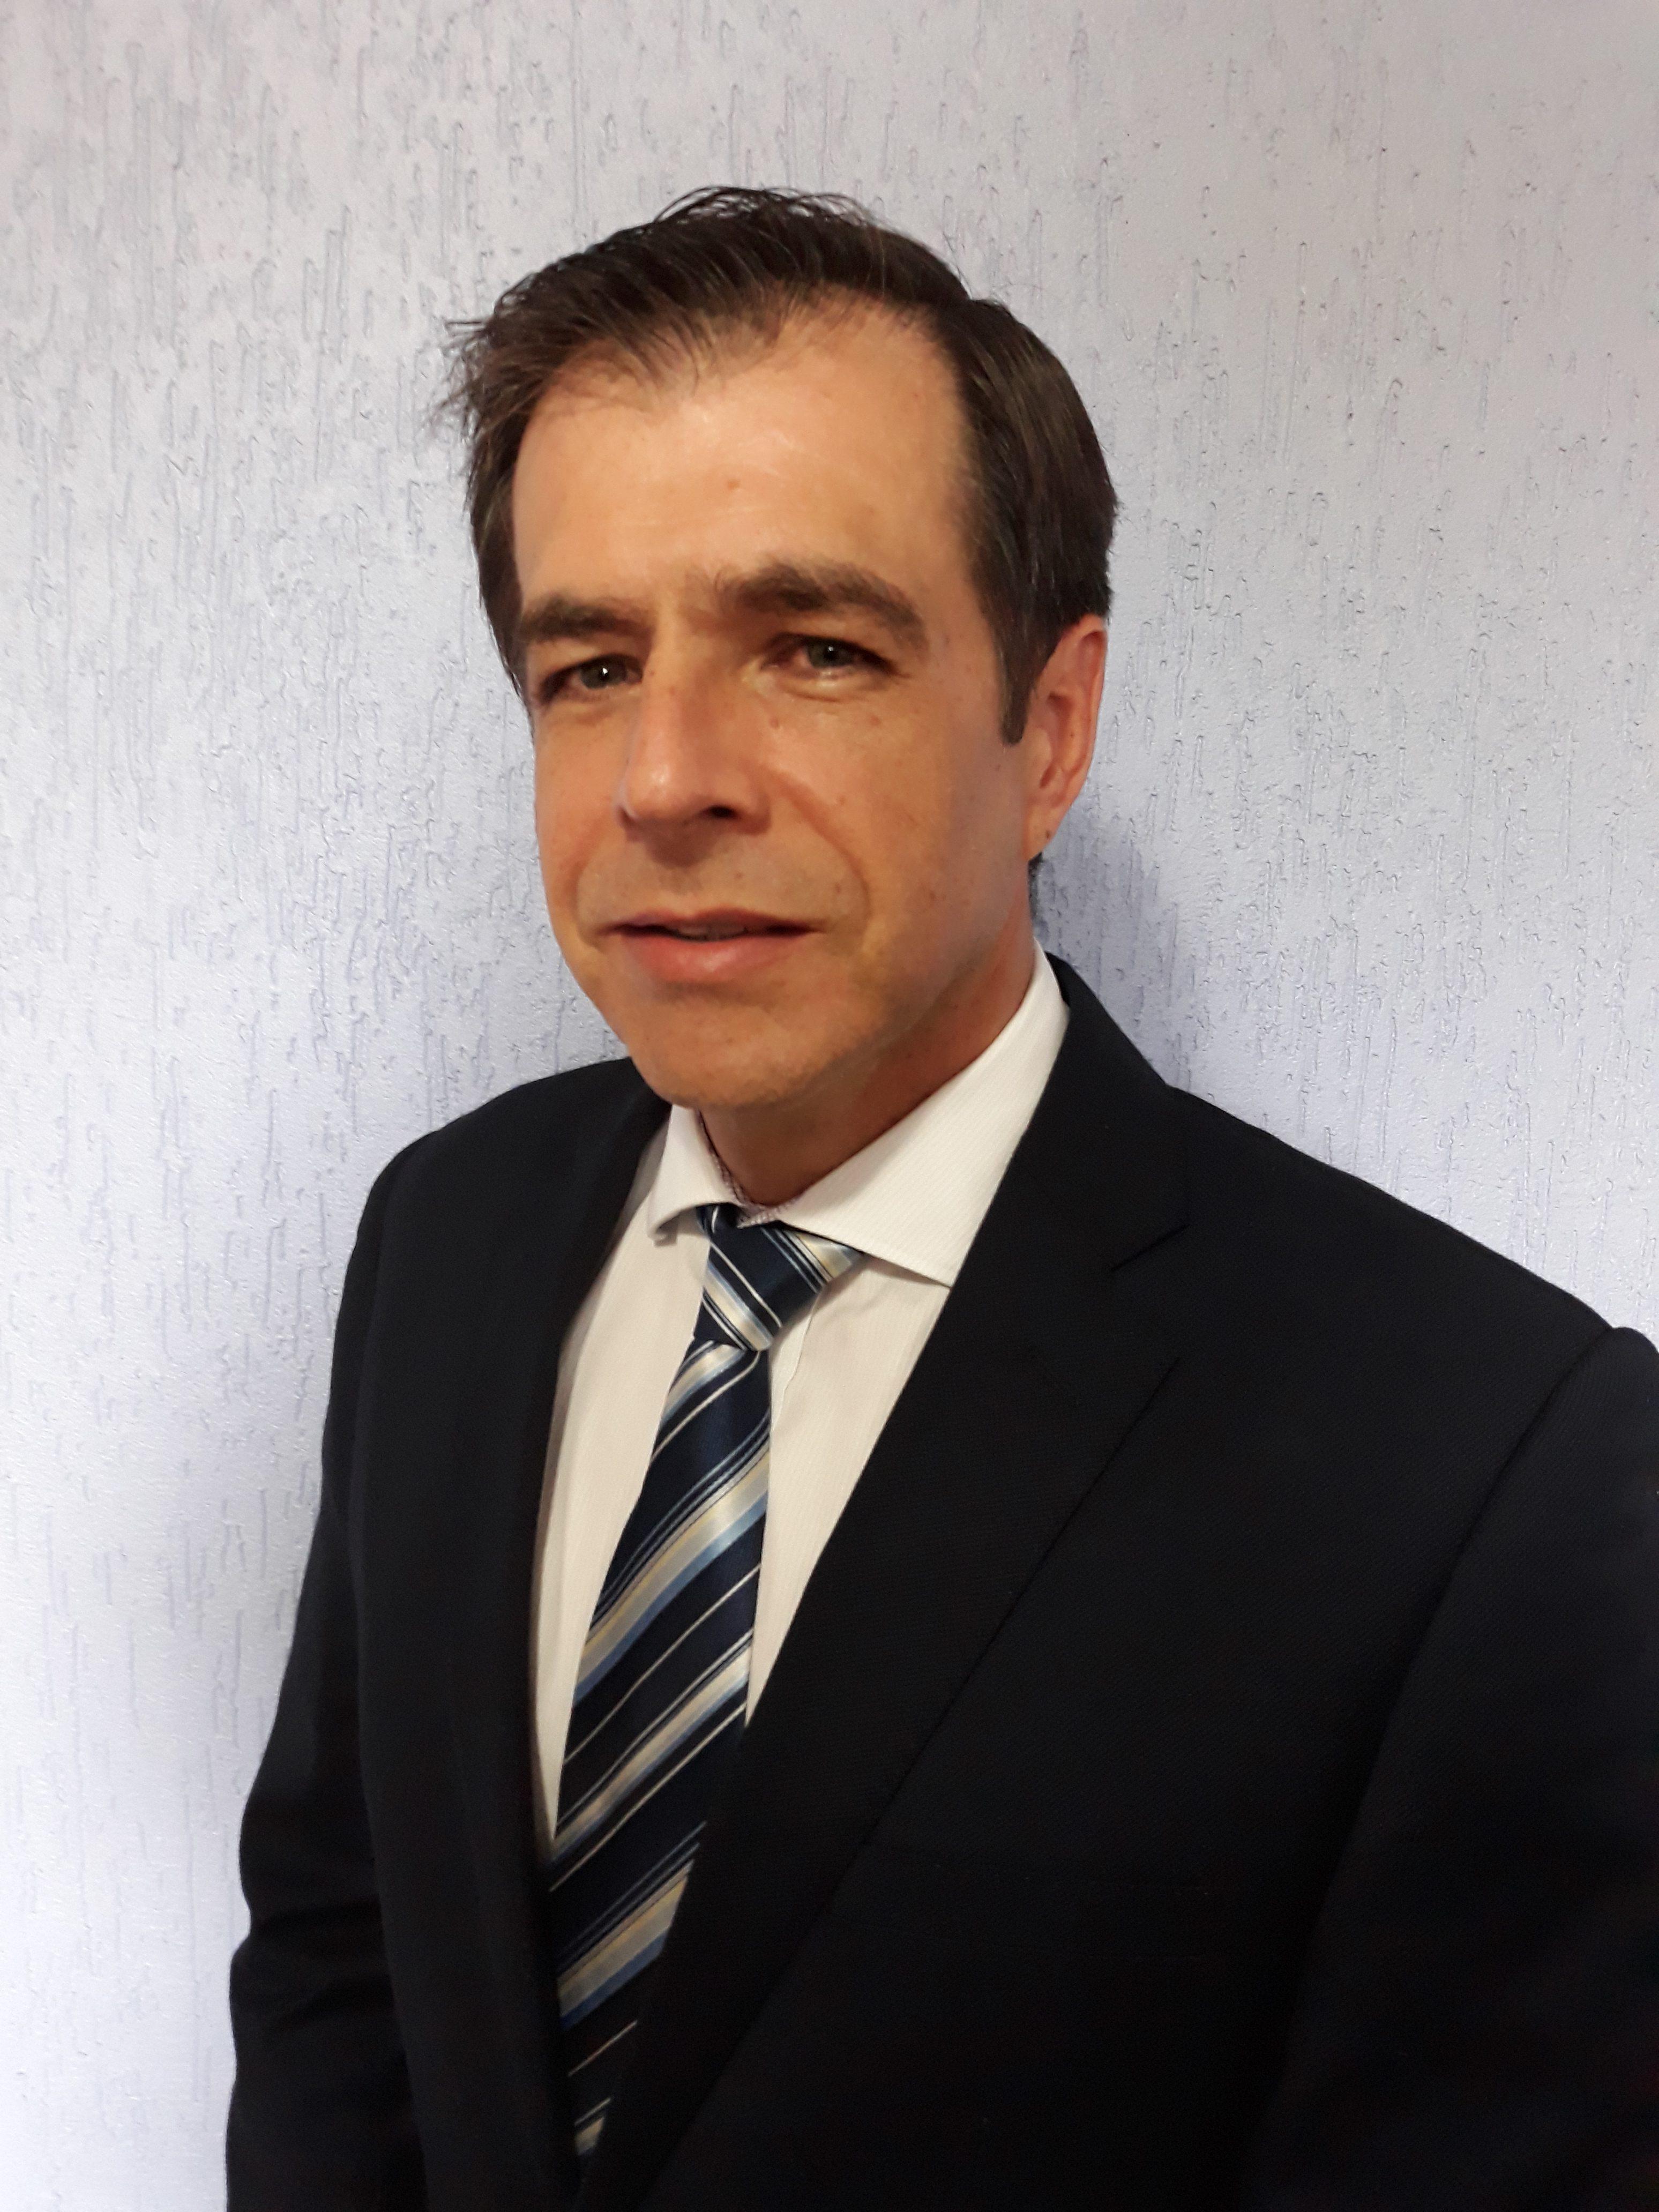 Adriano Vilela